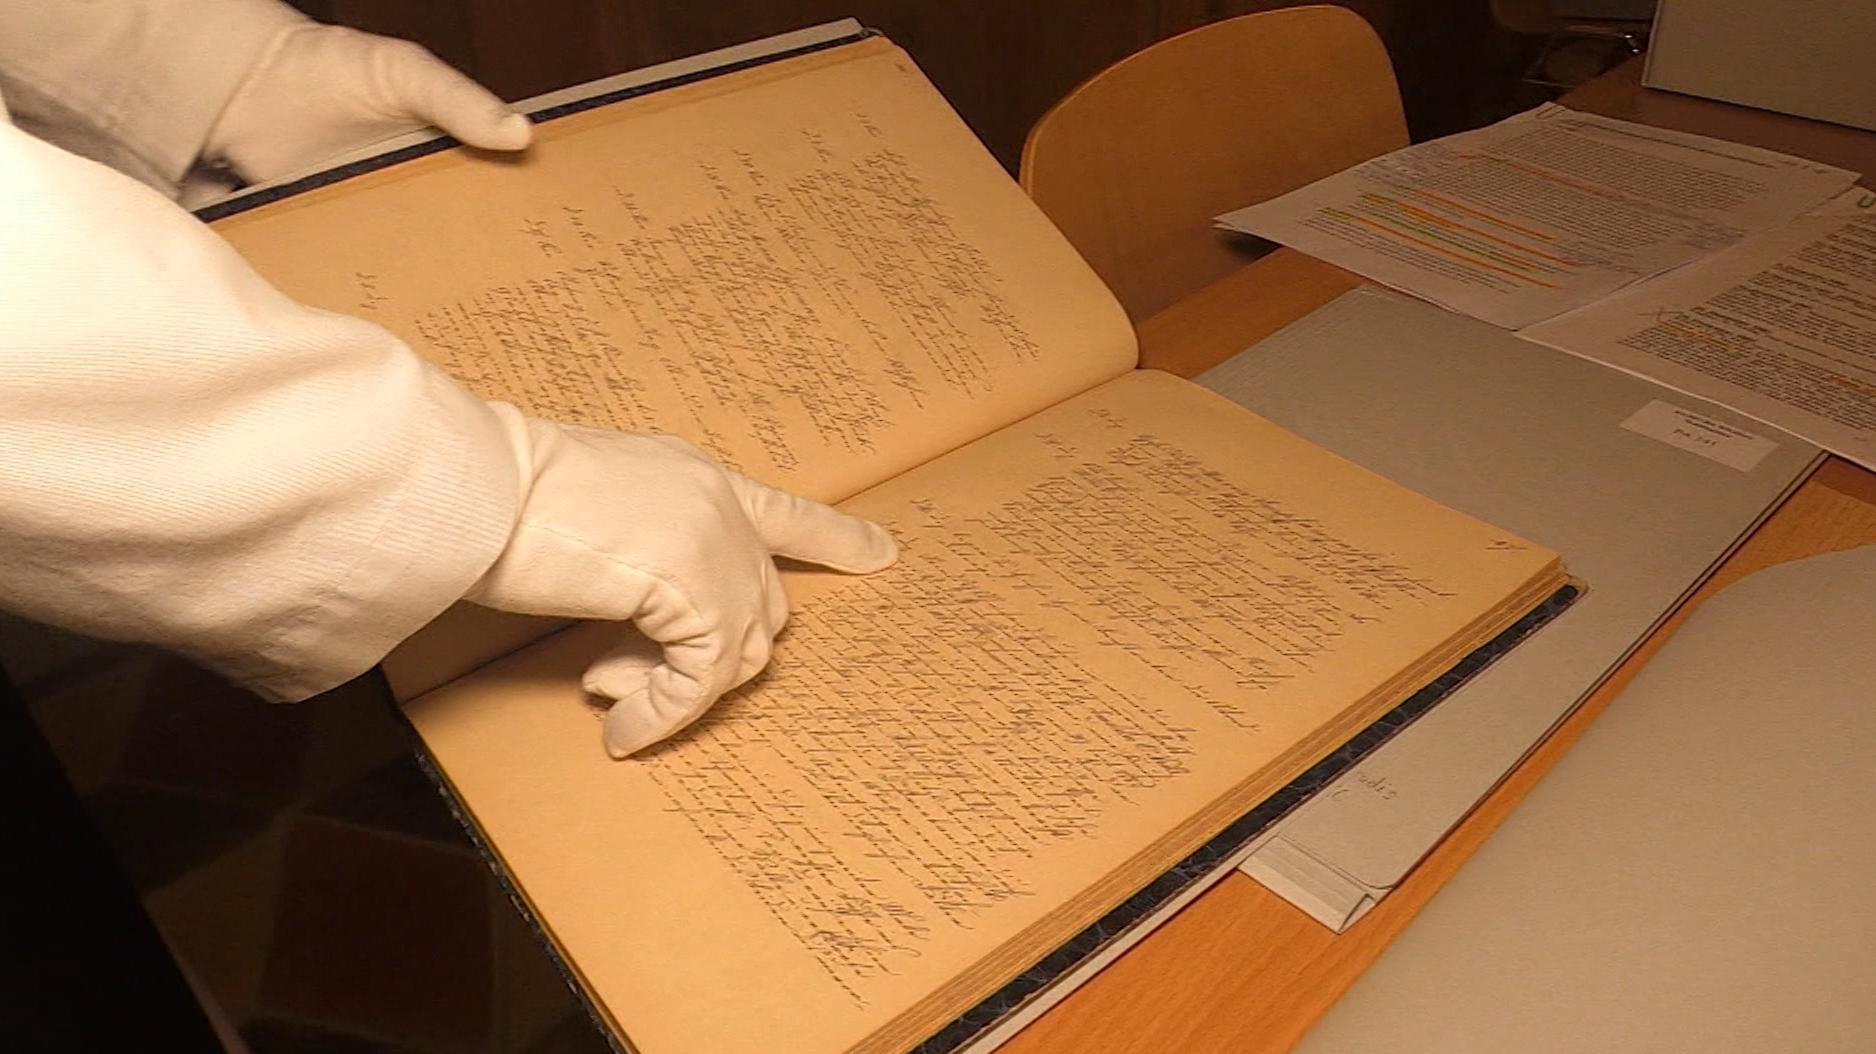 Kloster Waldsassen: Archiv wird wiedereröffnet